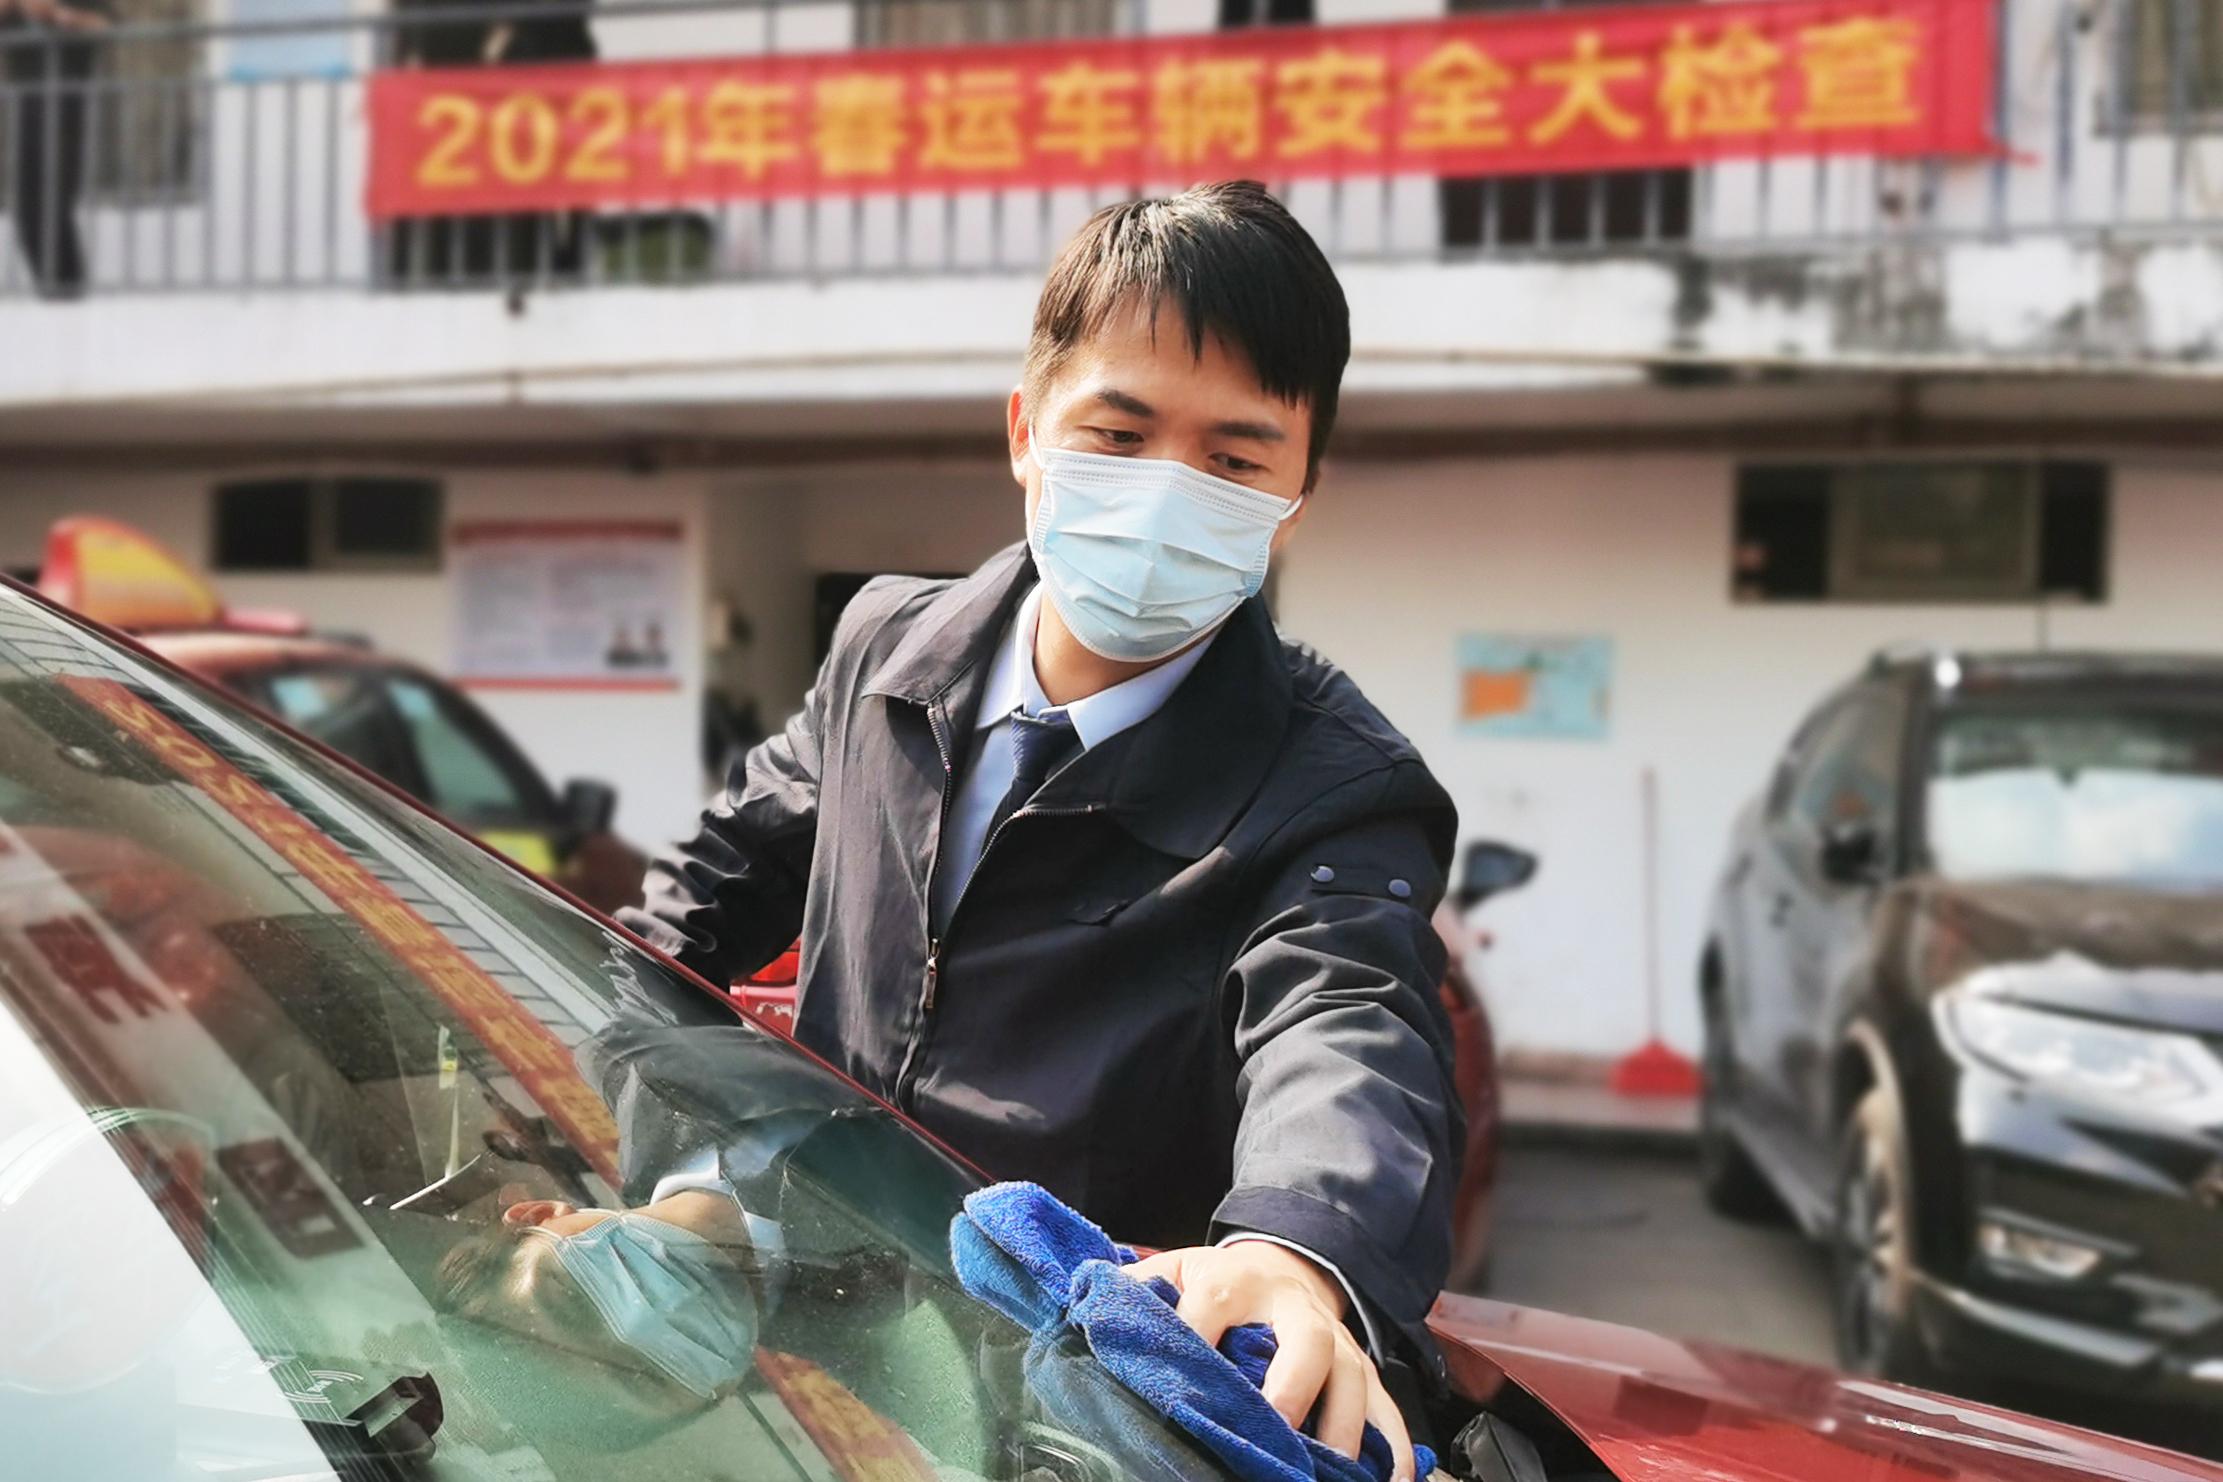 陈宜桂。广州公交集团白云(广交)公司工作人员 供图